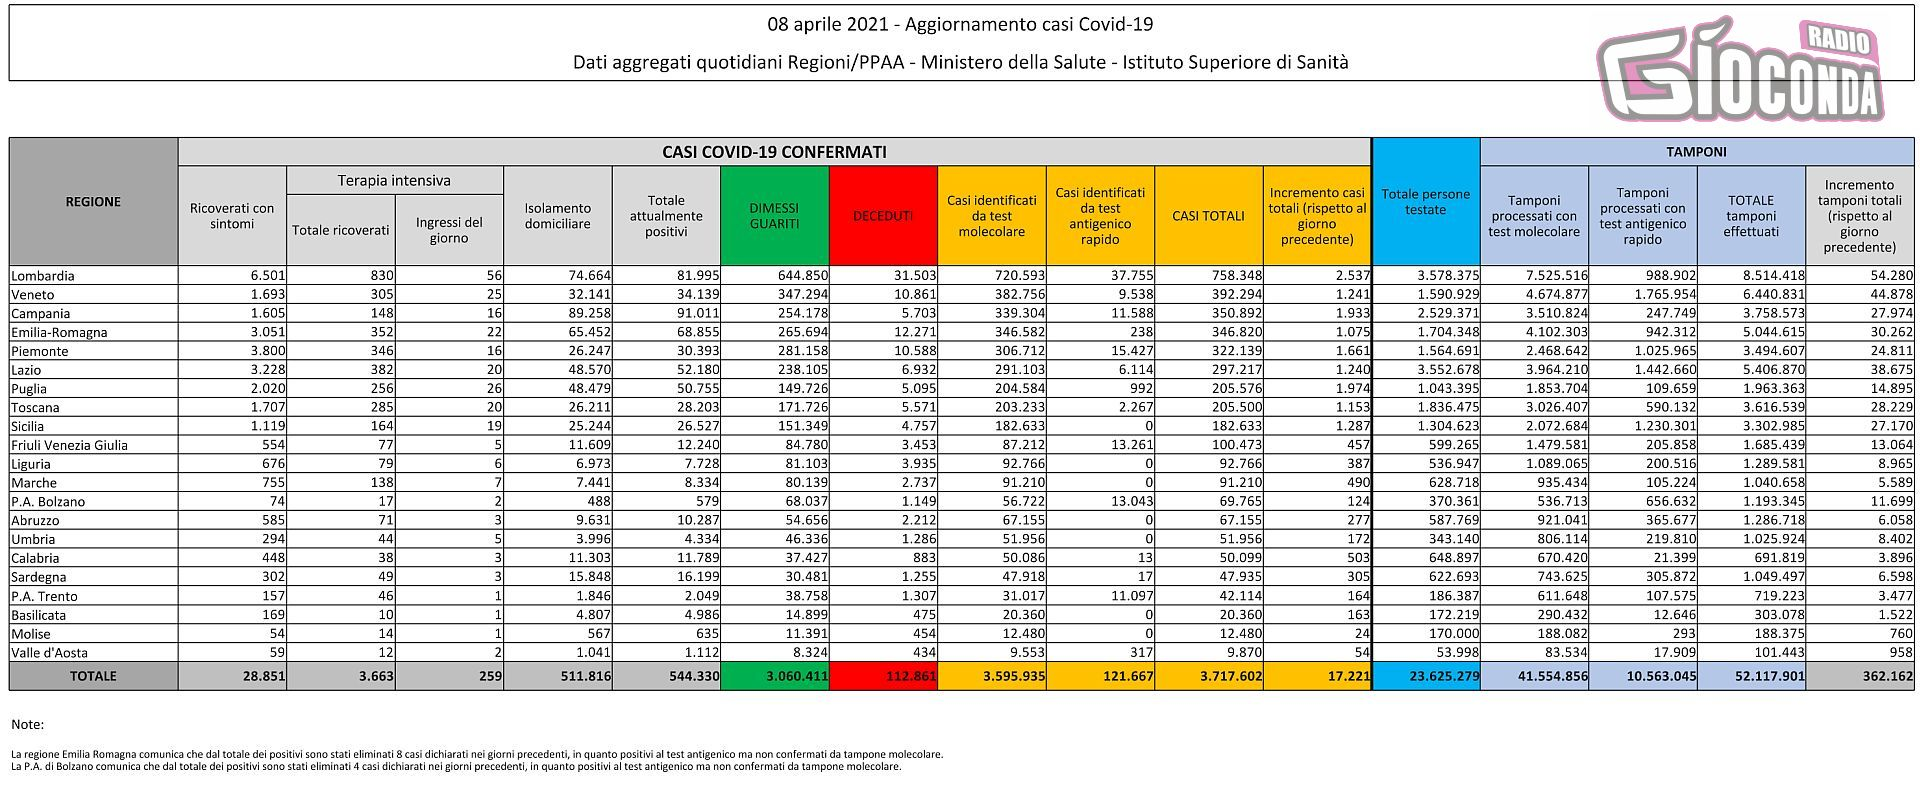 8 aprile 2021 - Aggiornamento casi Covid-19 Dati aggregati quotidiani Regioni/PPAA - Ministero della Salute - Istituto Superiore di Sanità